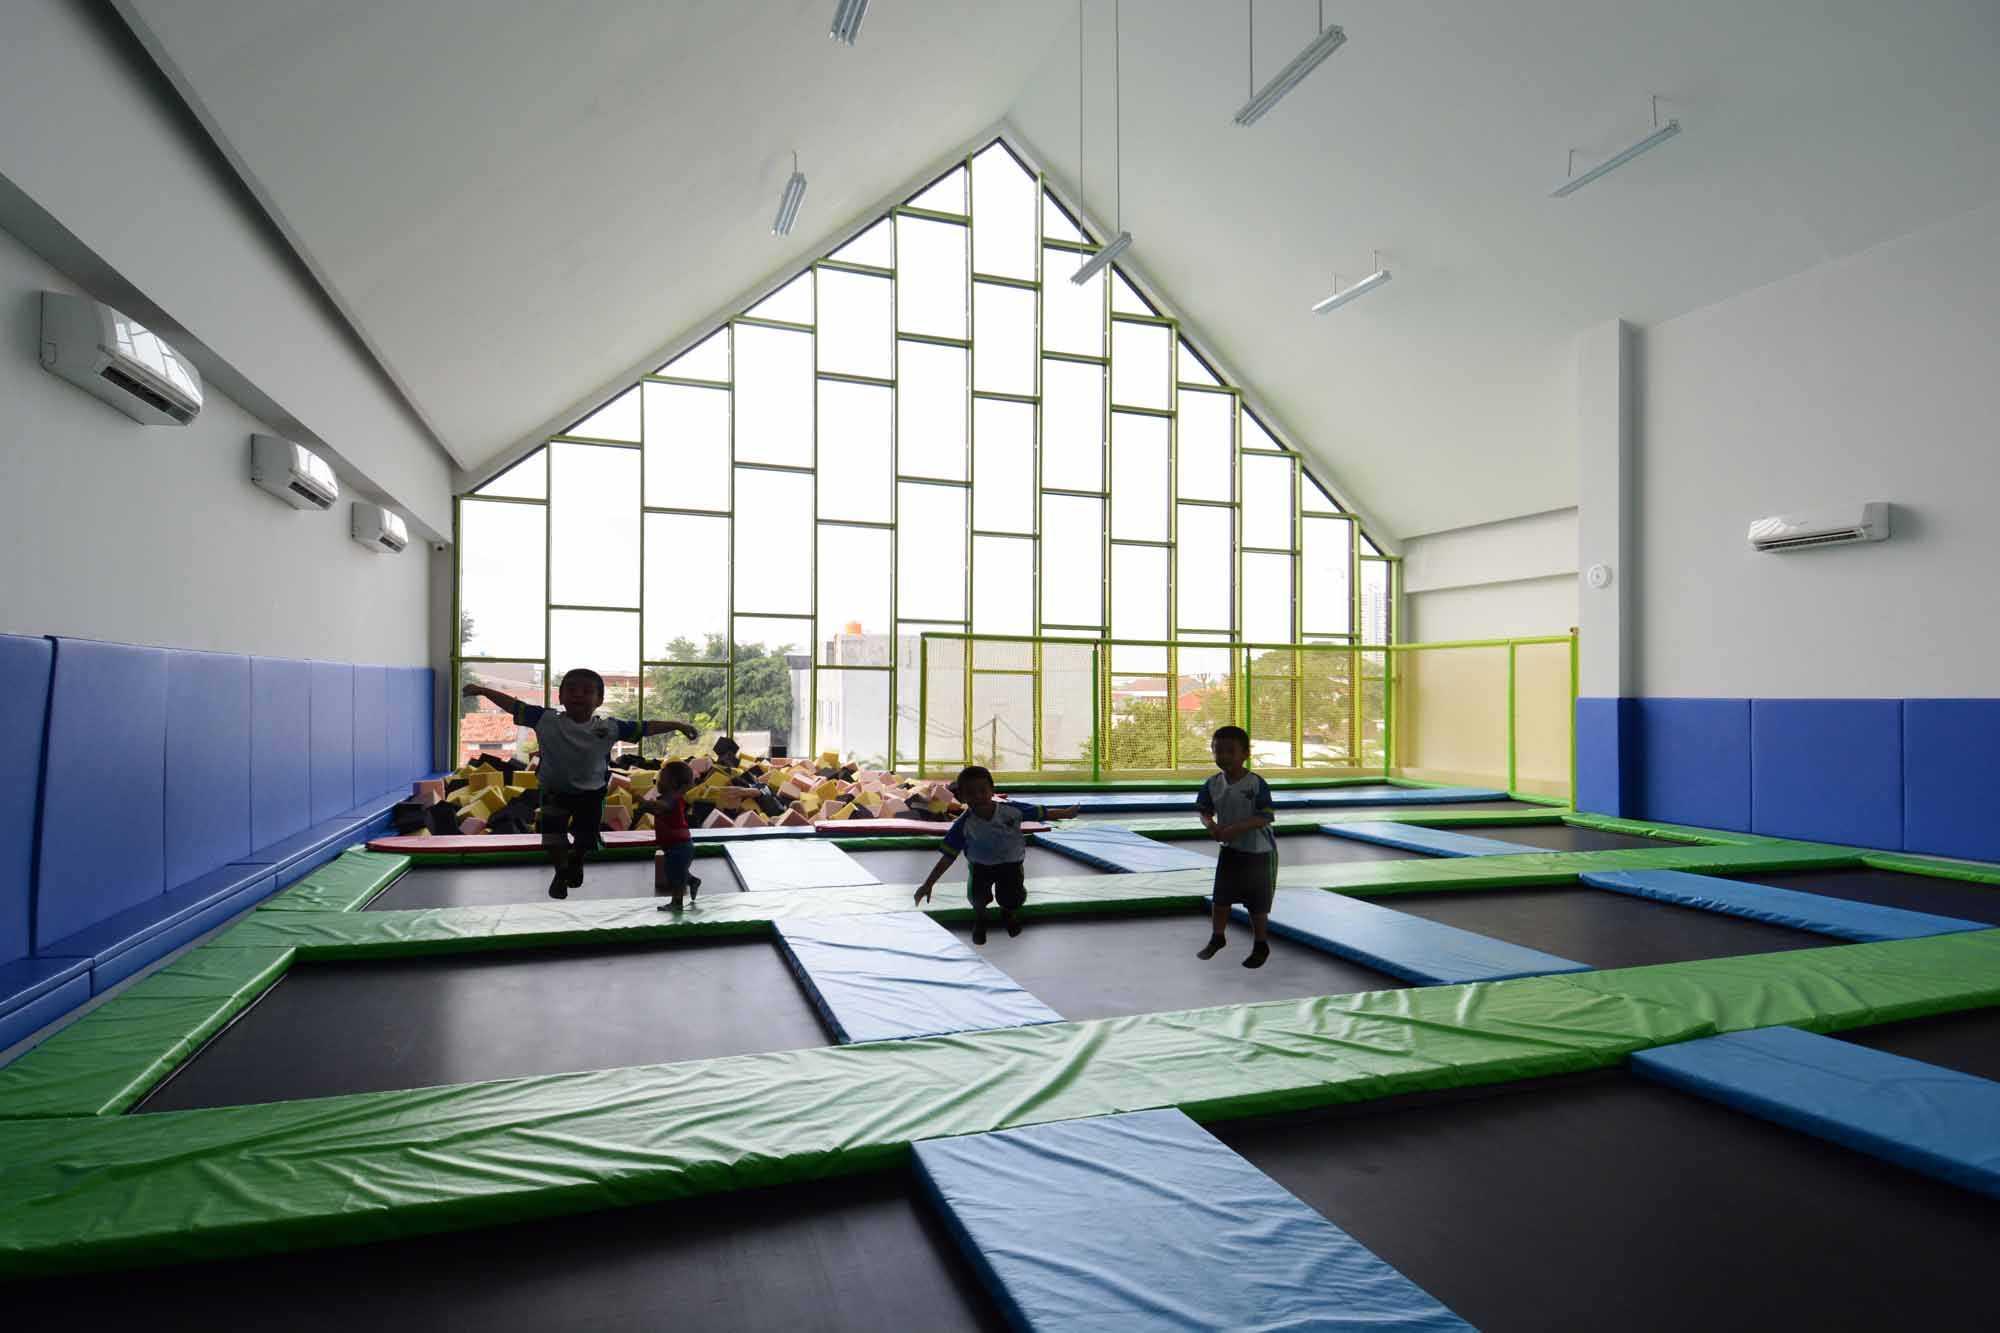 Studio Denny Setiawan Playfield Kids Academy West Jakarta West Jakarta Playground Area   23509